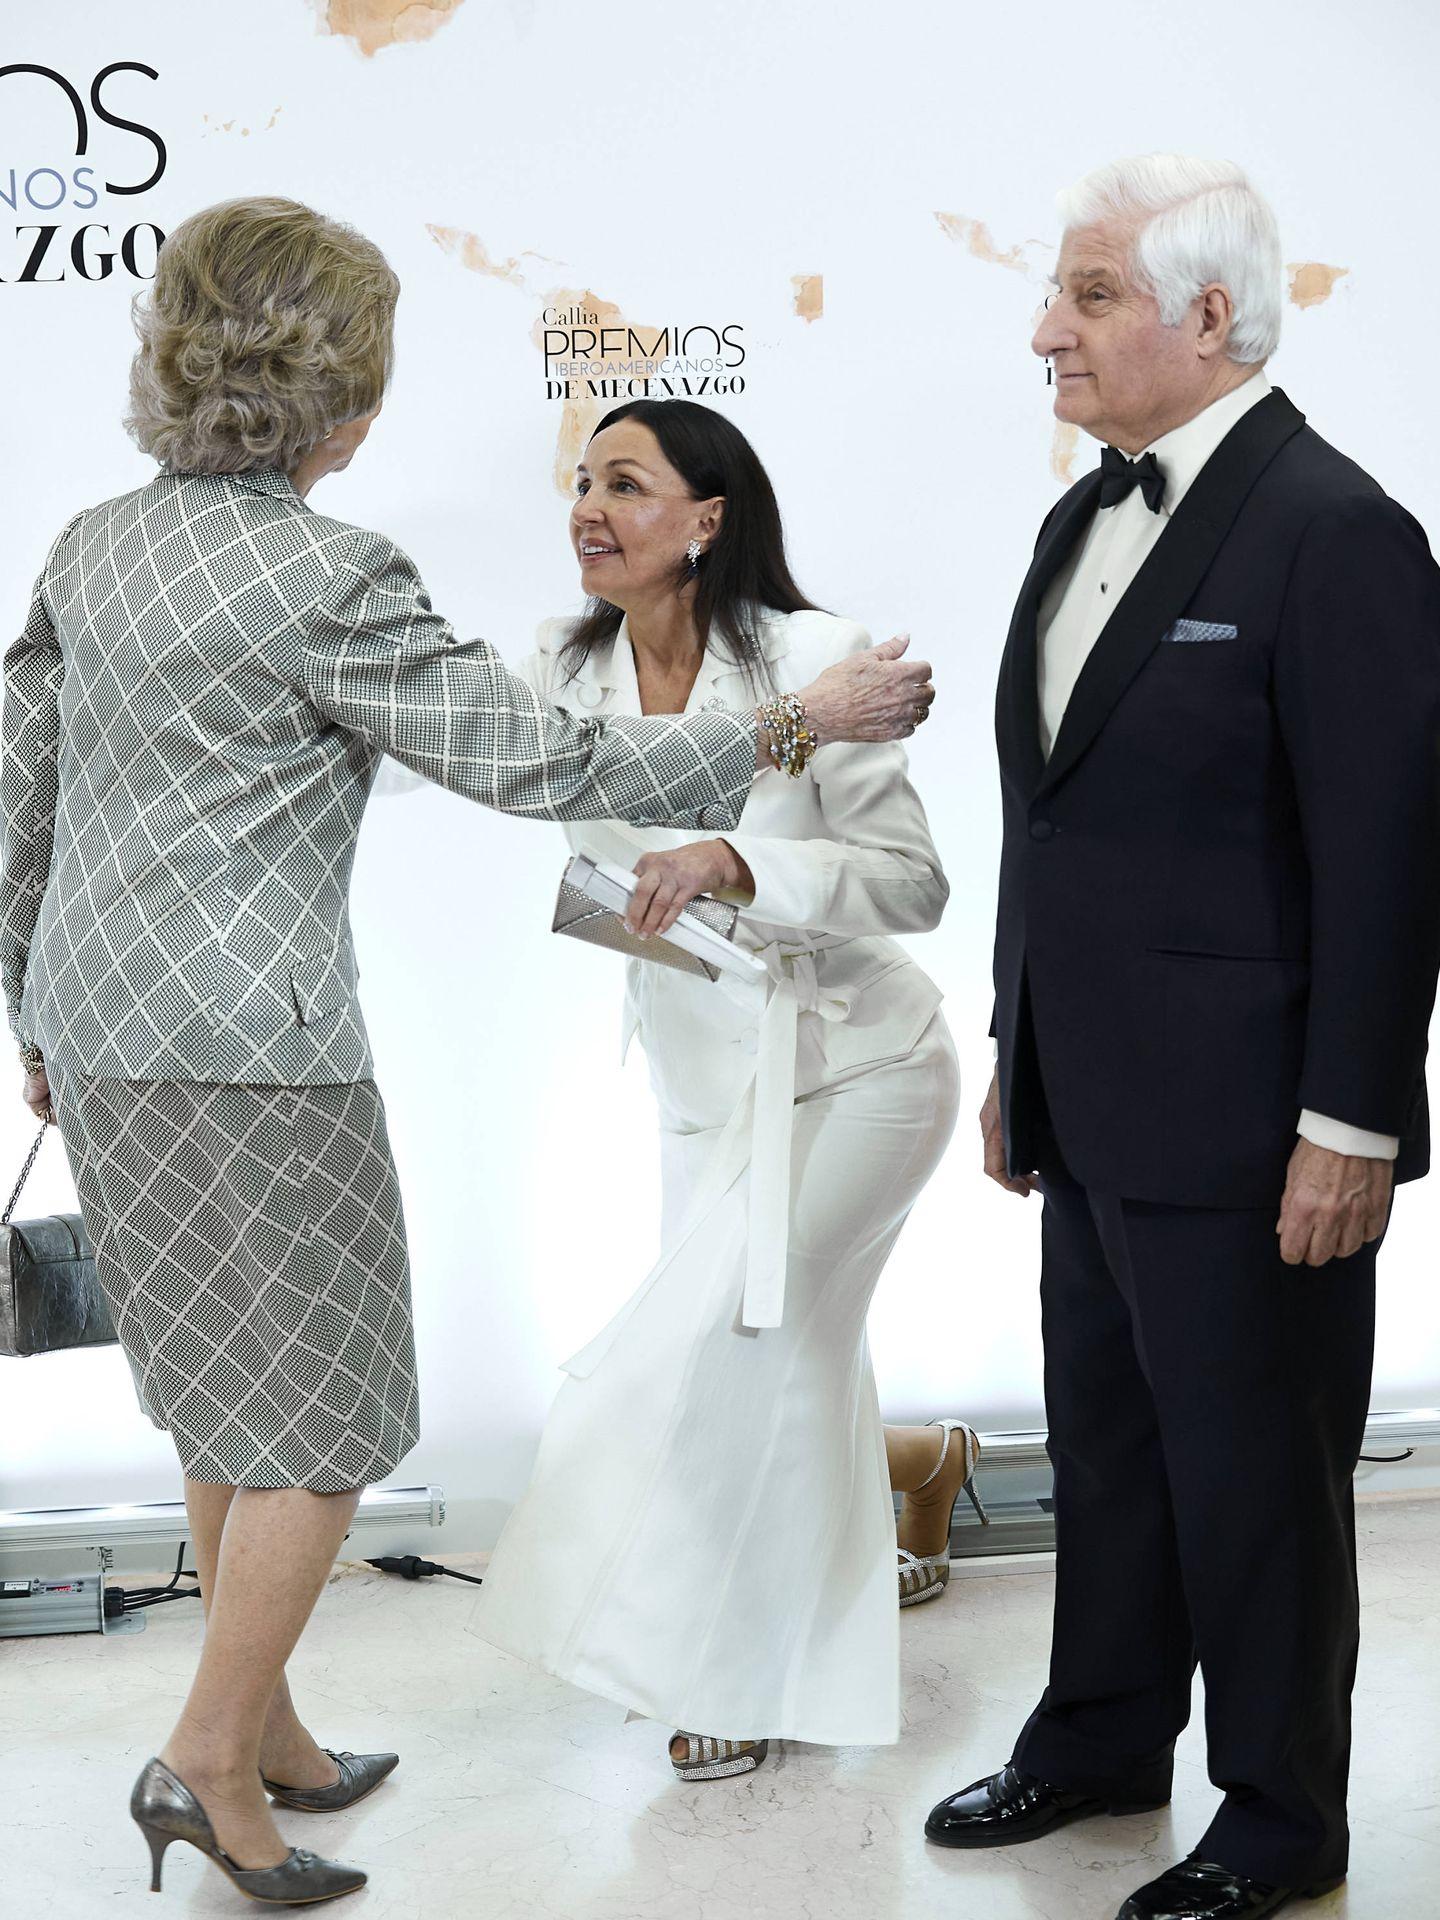 La reina Sofía, junto a Esther Koplowitz y el duque de Alba. (Getty)